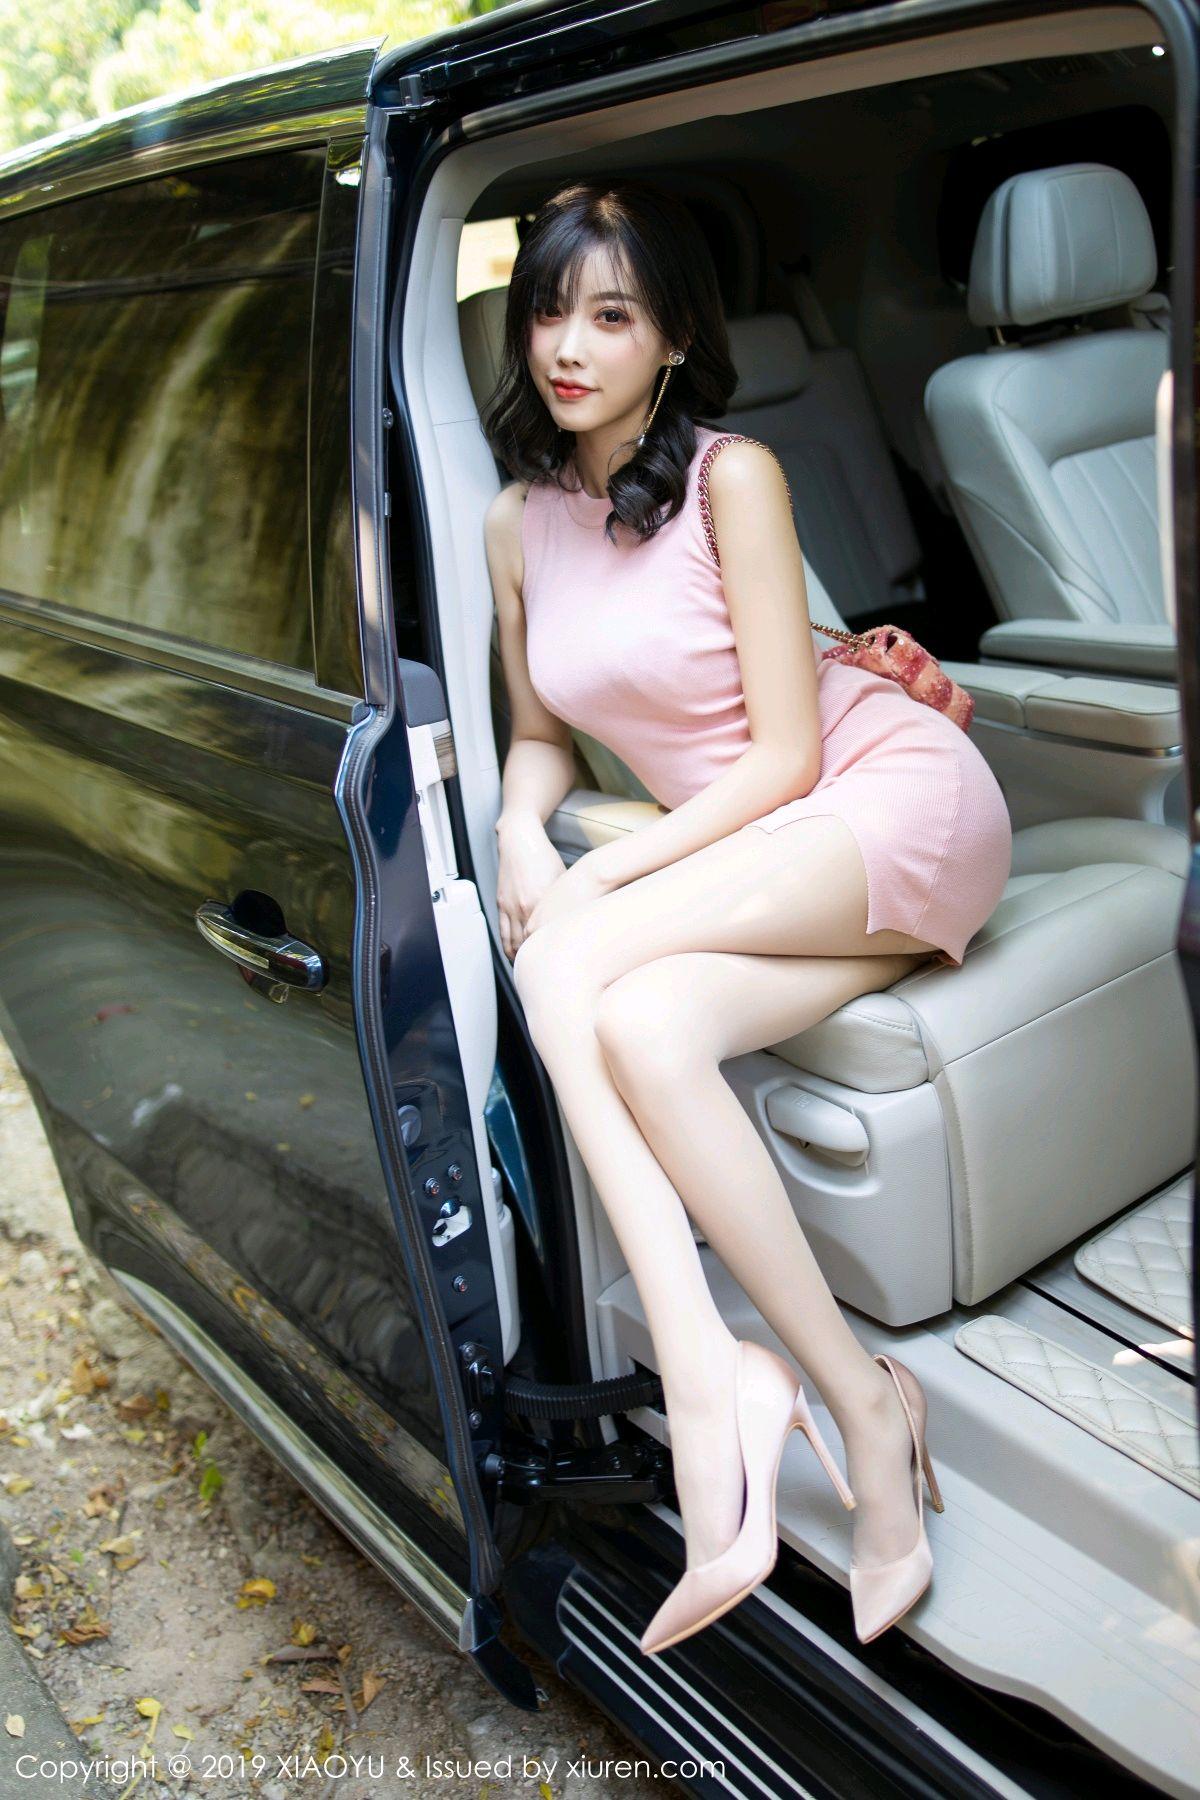 [XIAOYU] Vol.178 Yang Chen Chen 25P, Outdoor, Tall, XiaoYu, Yang Chen Chen